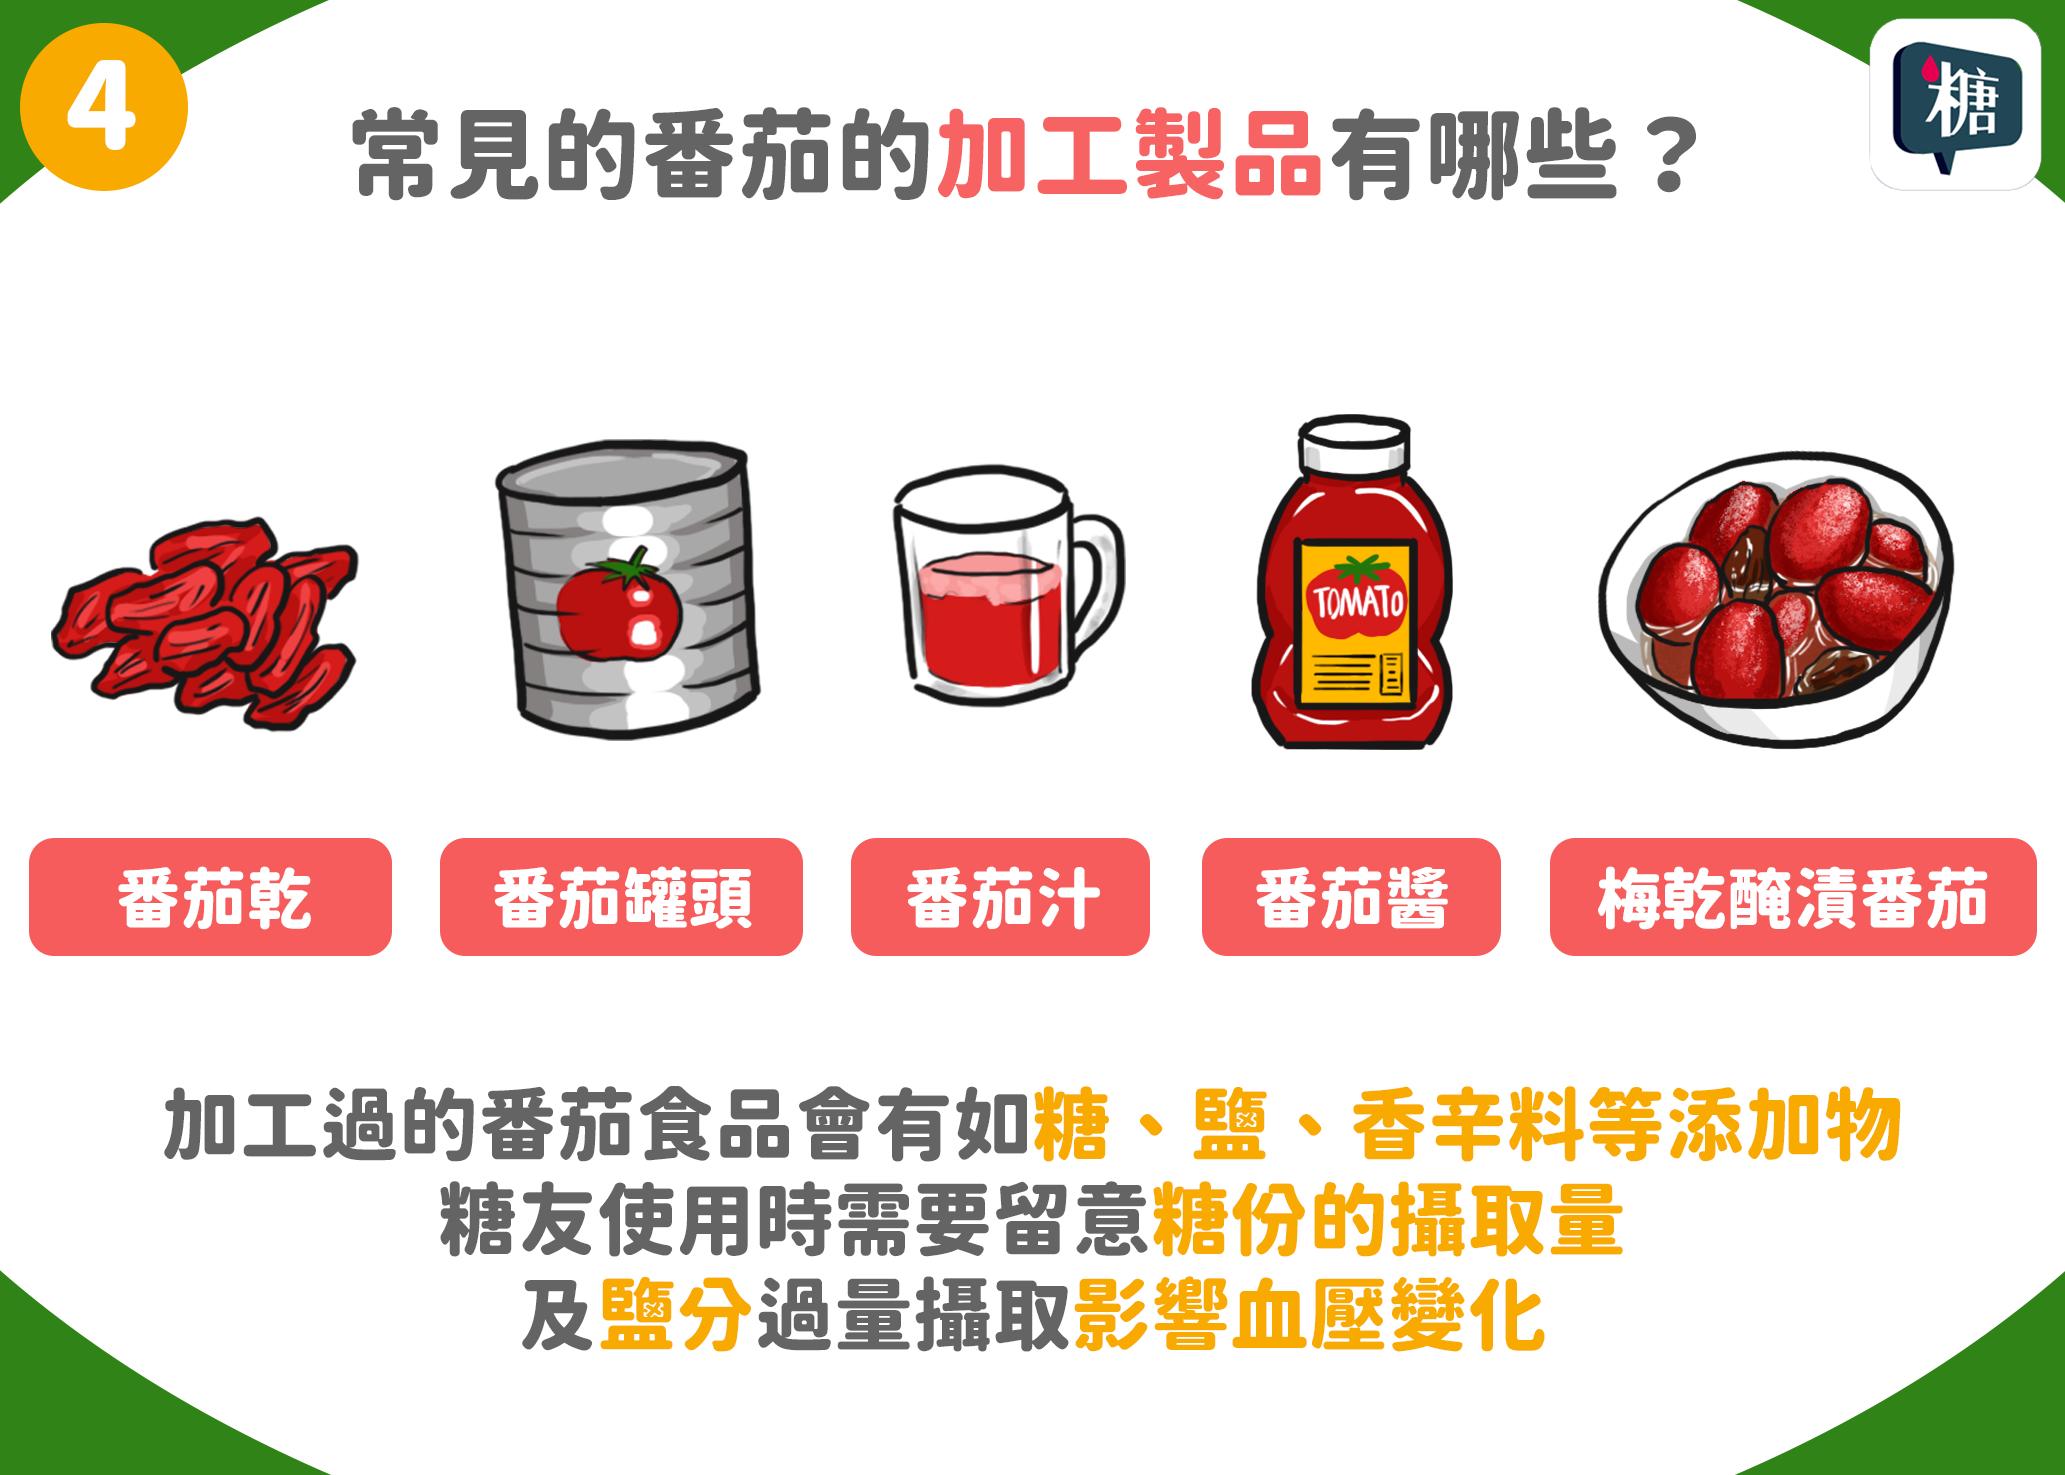 常見的番茄加工製品有哪些?